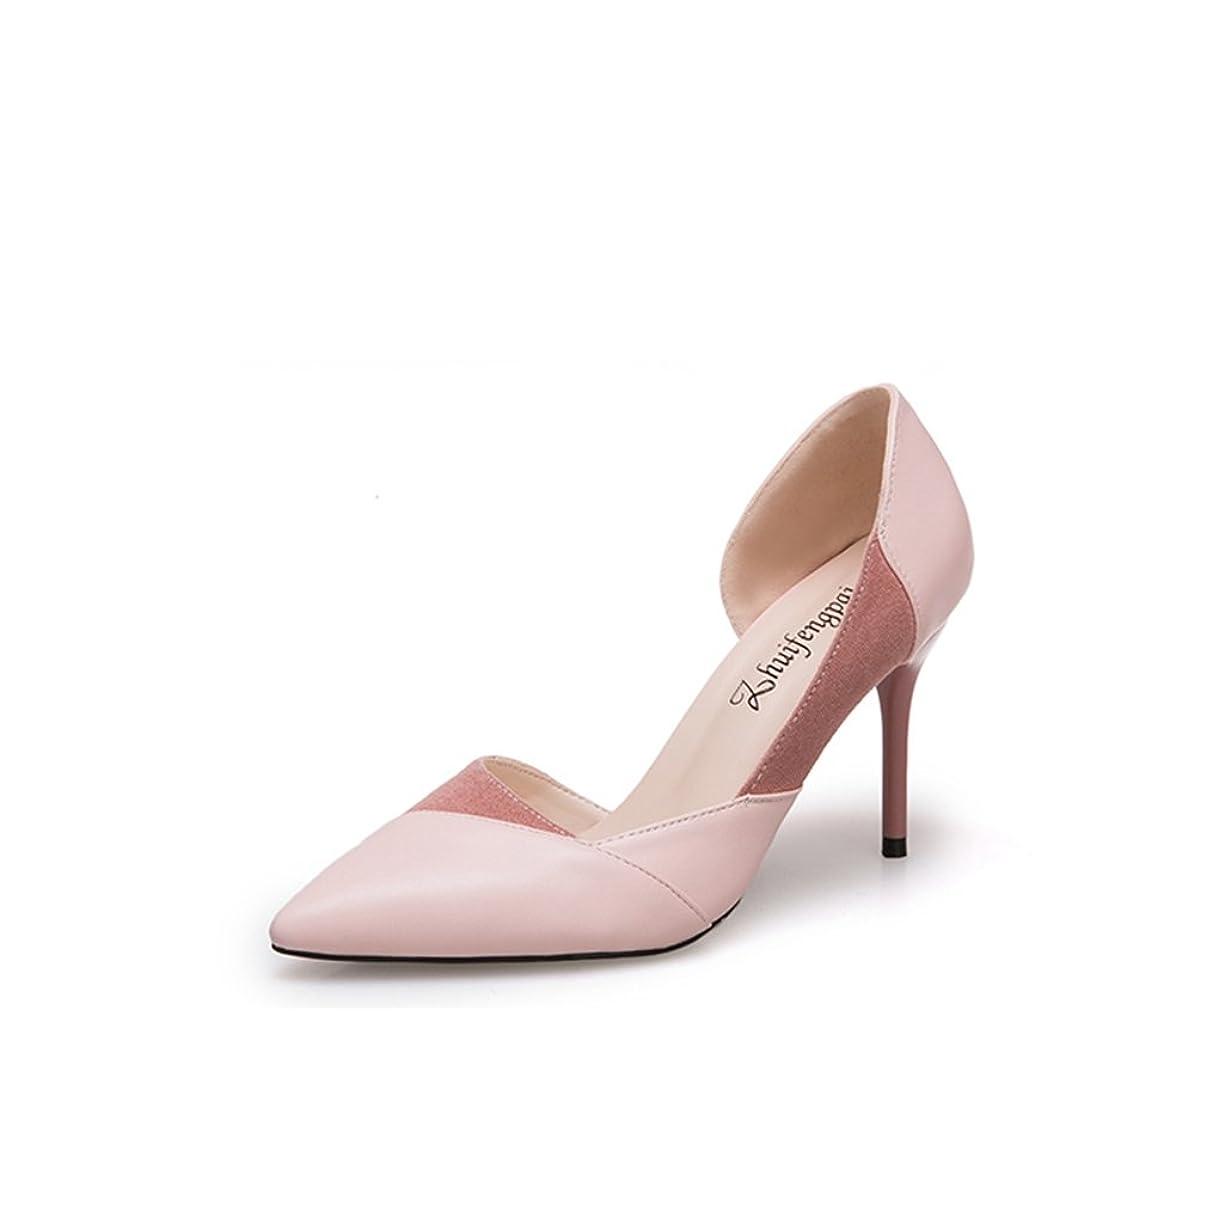 継承どんよりした赤字パンプス 靴 レディース キャバ 8cmヒール シンプルパンプス ハイヒール 無地 通勤 ピンク ベージュ ブラック 黒 靴 パンプス 8.5cmヒール 厚底 ドレス キャバ 小さいサイズ 二次会 パーティー